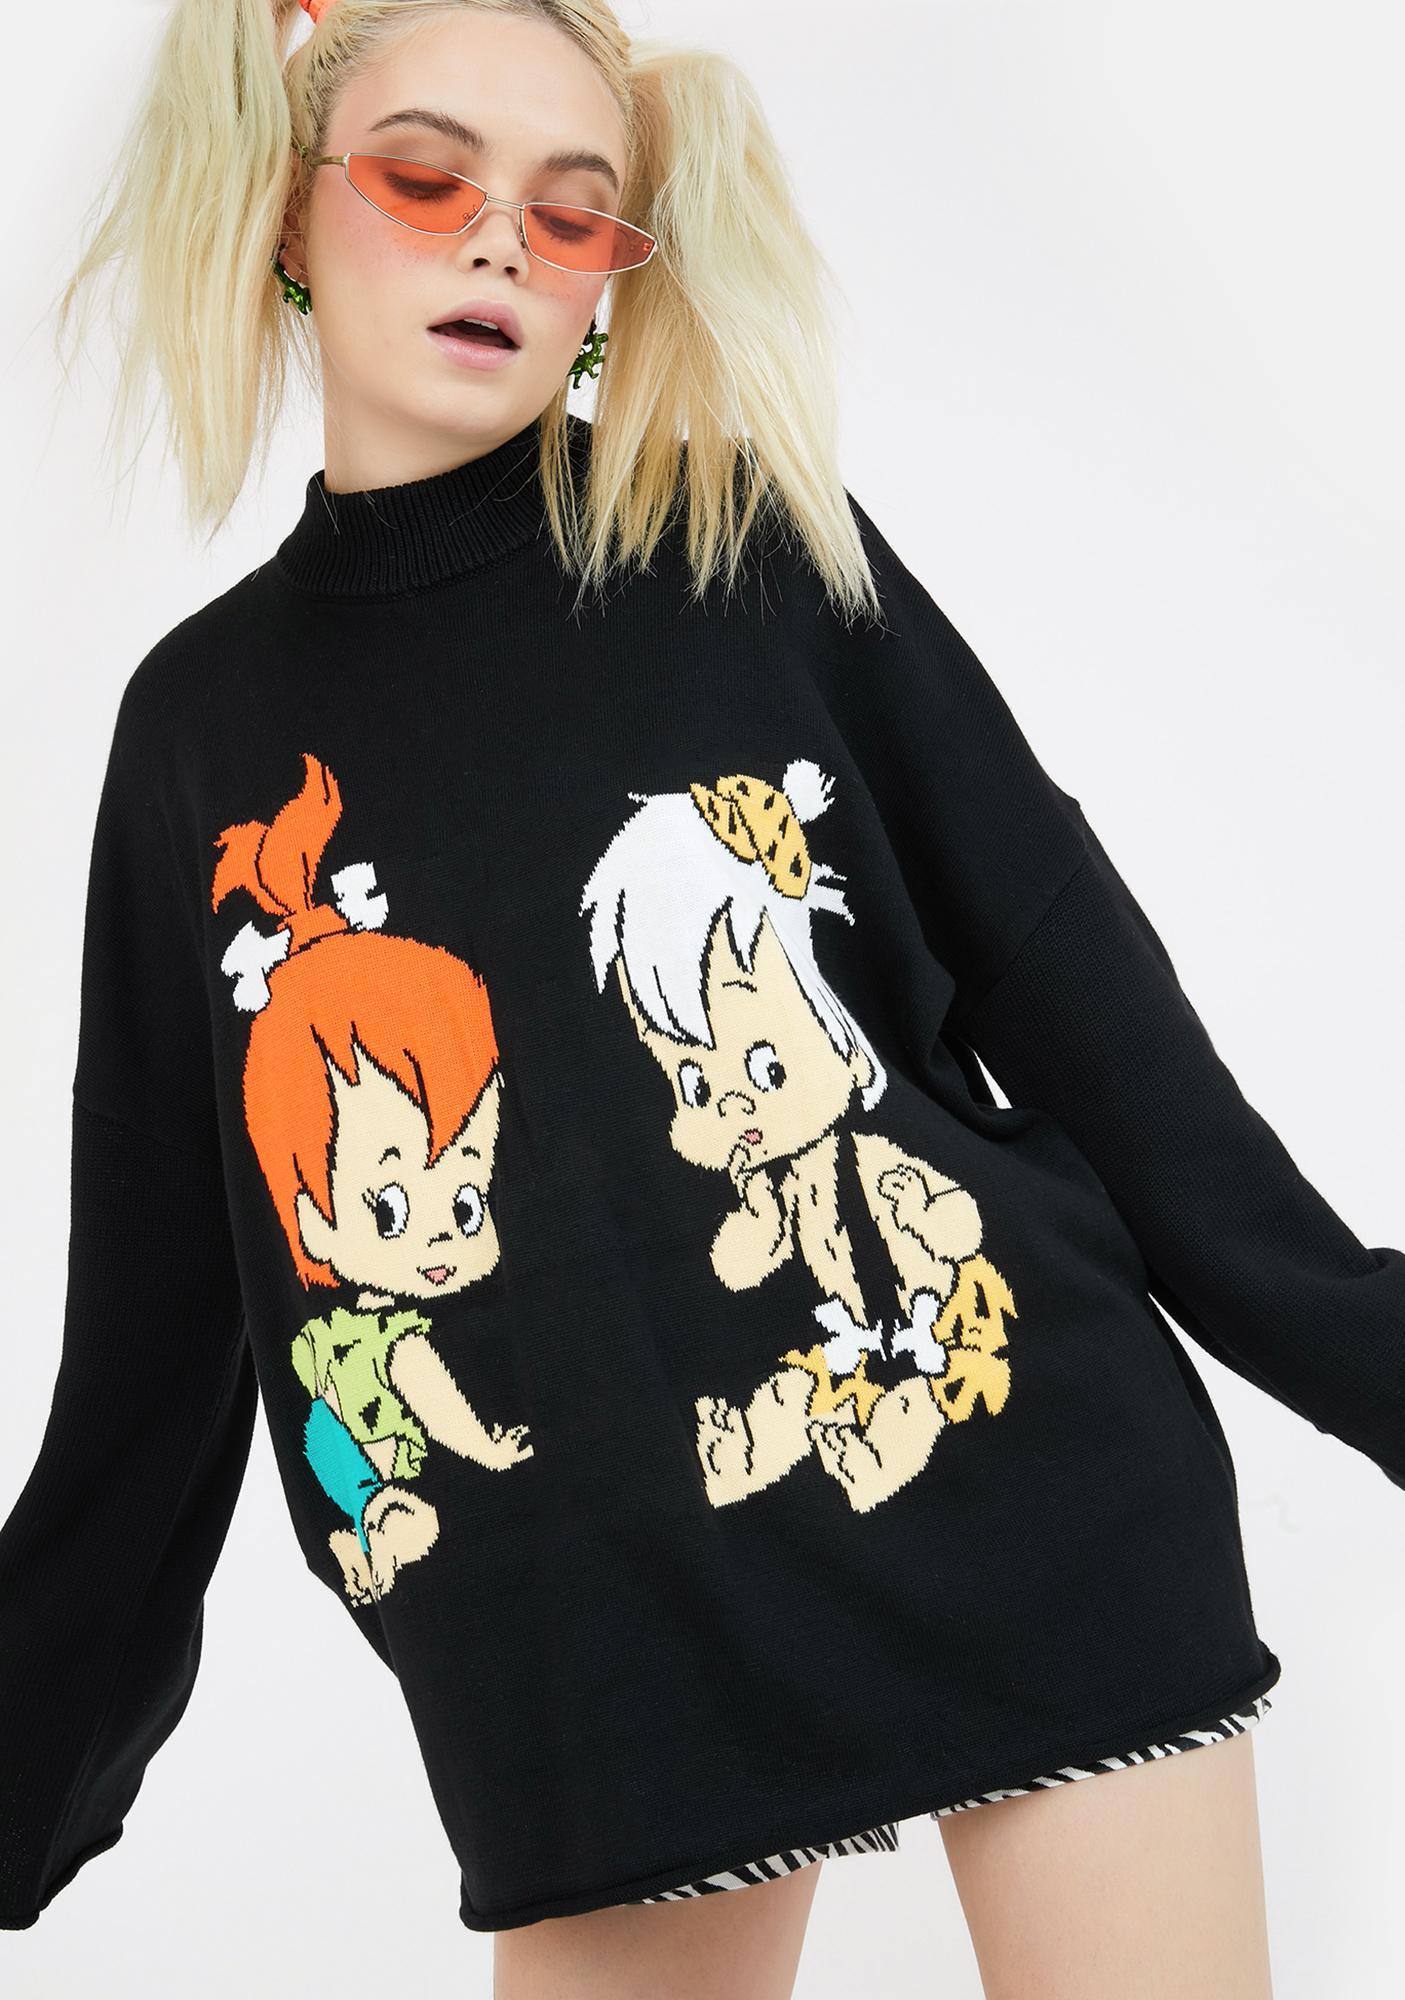 Lazy Oaf X Flintstones Pebbles N Bam Bam Knit Jumper